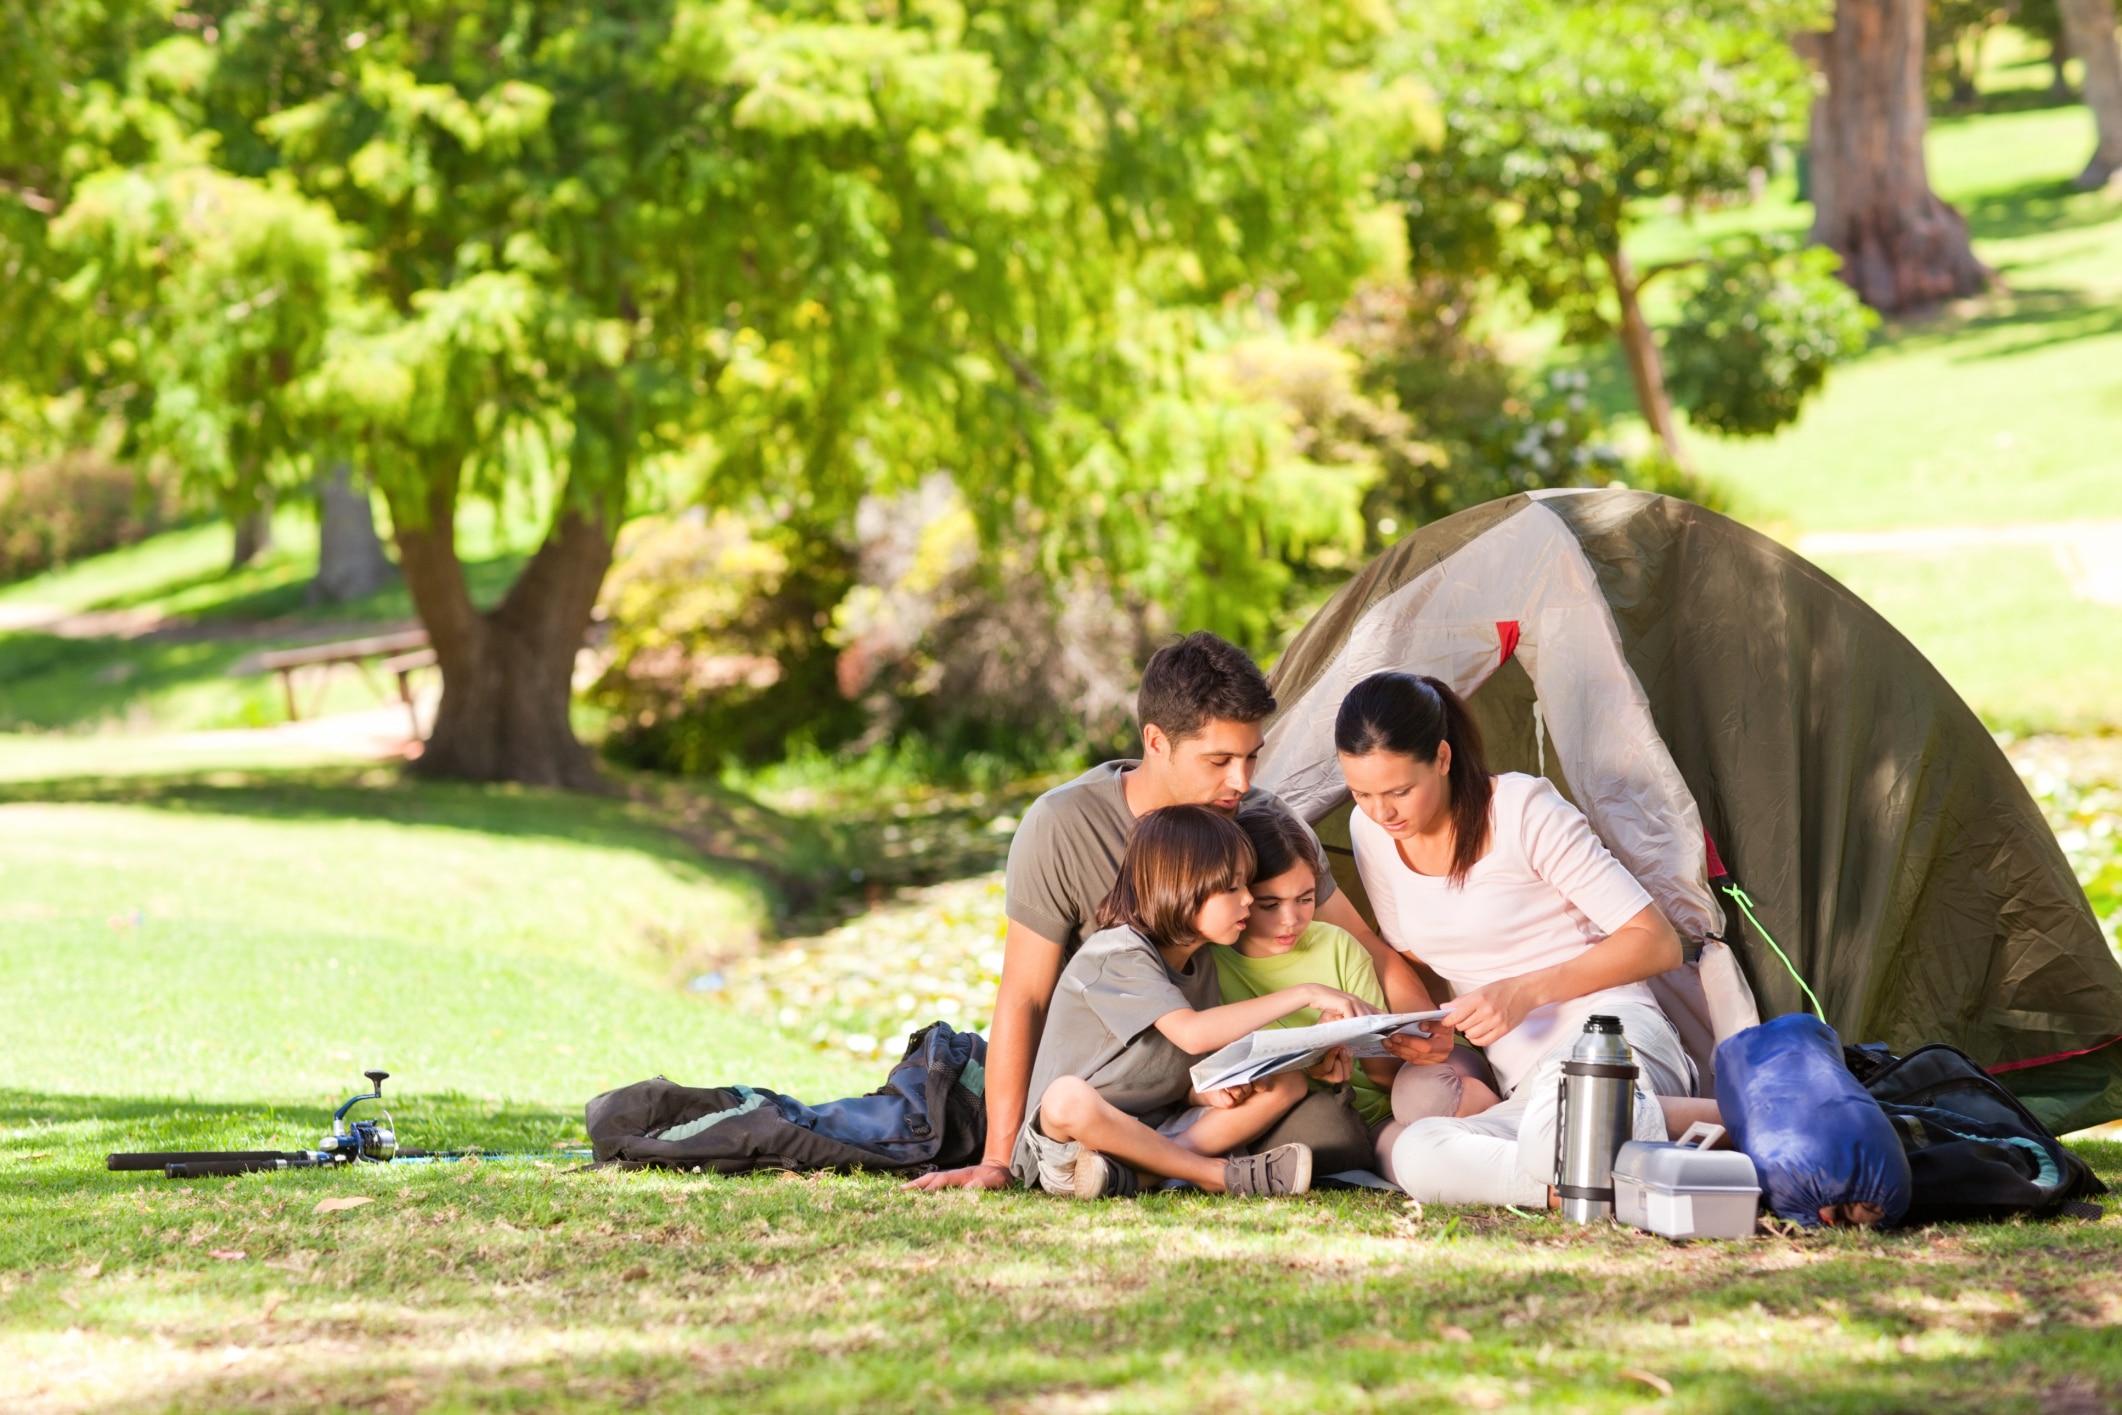 Vacanze in campeggio: gli errori da non fare